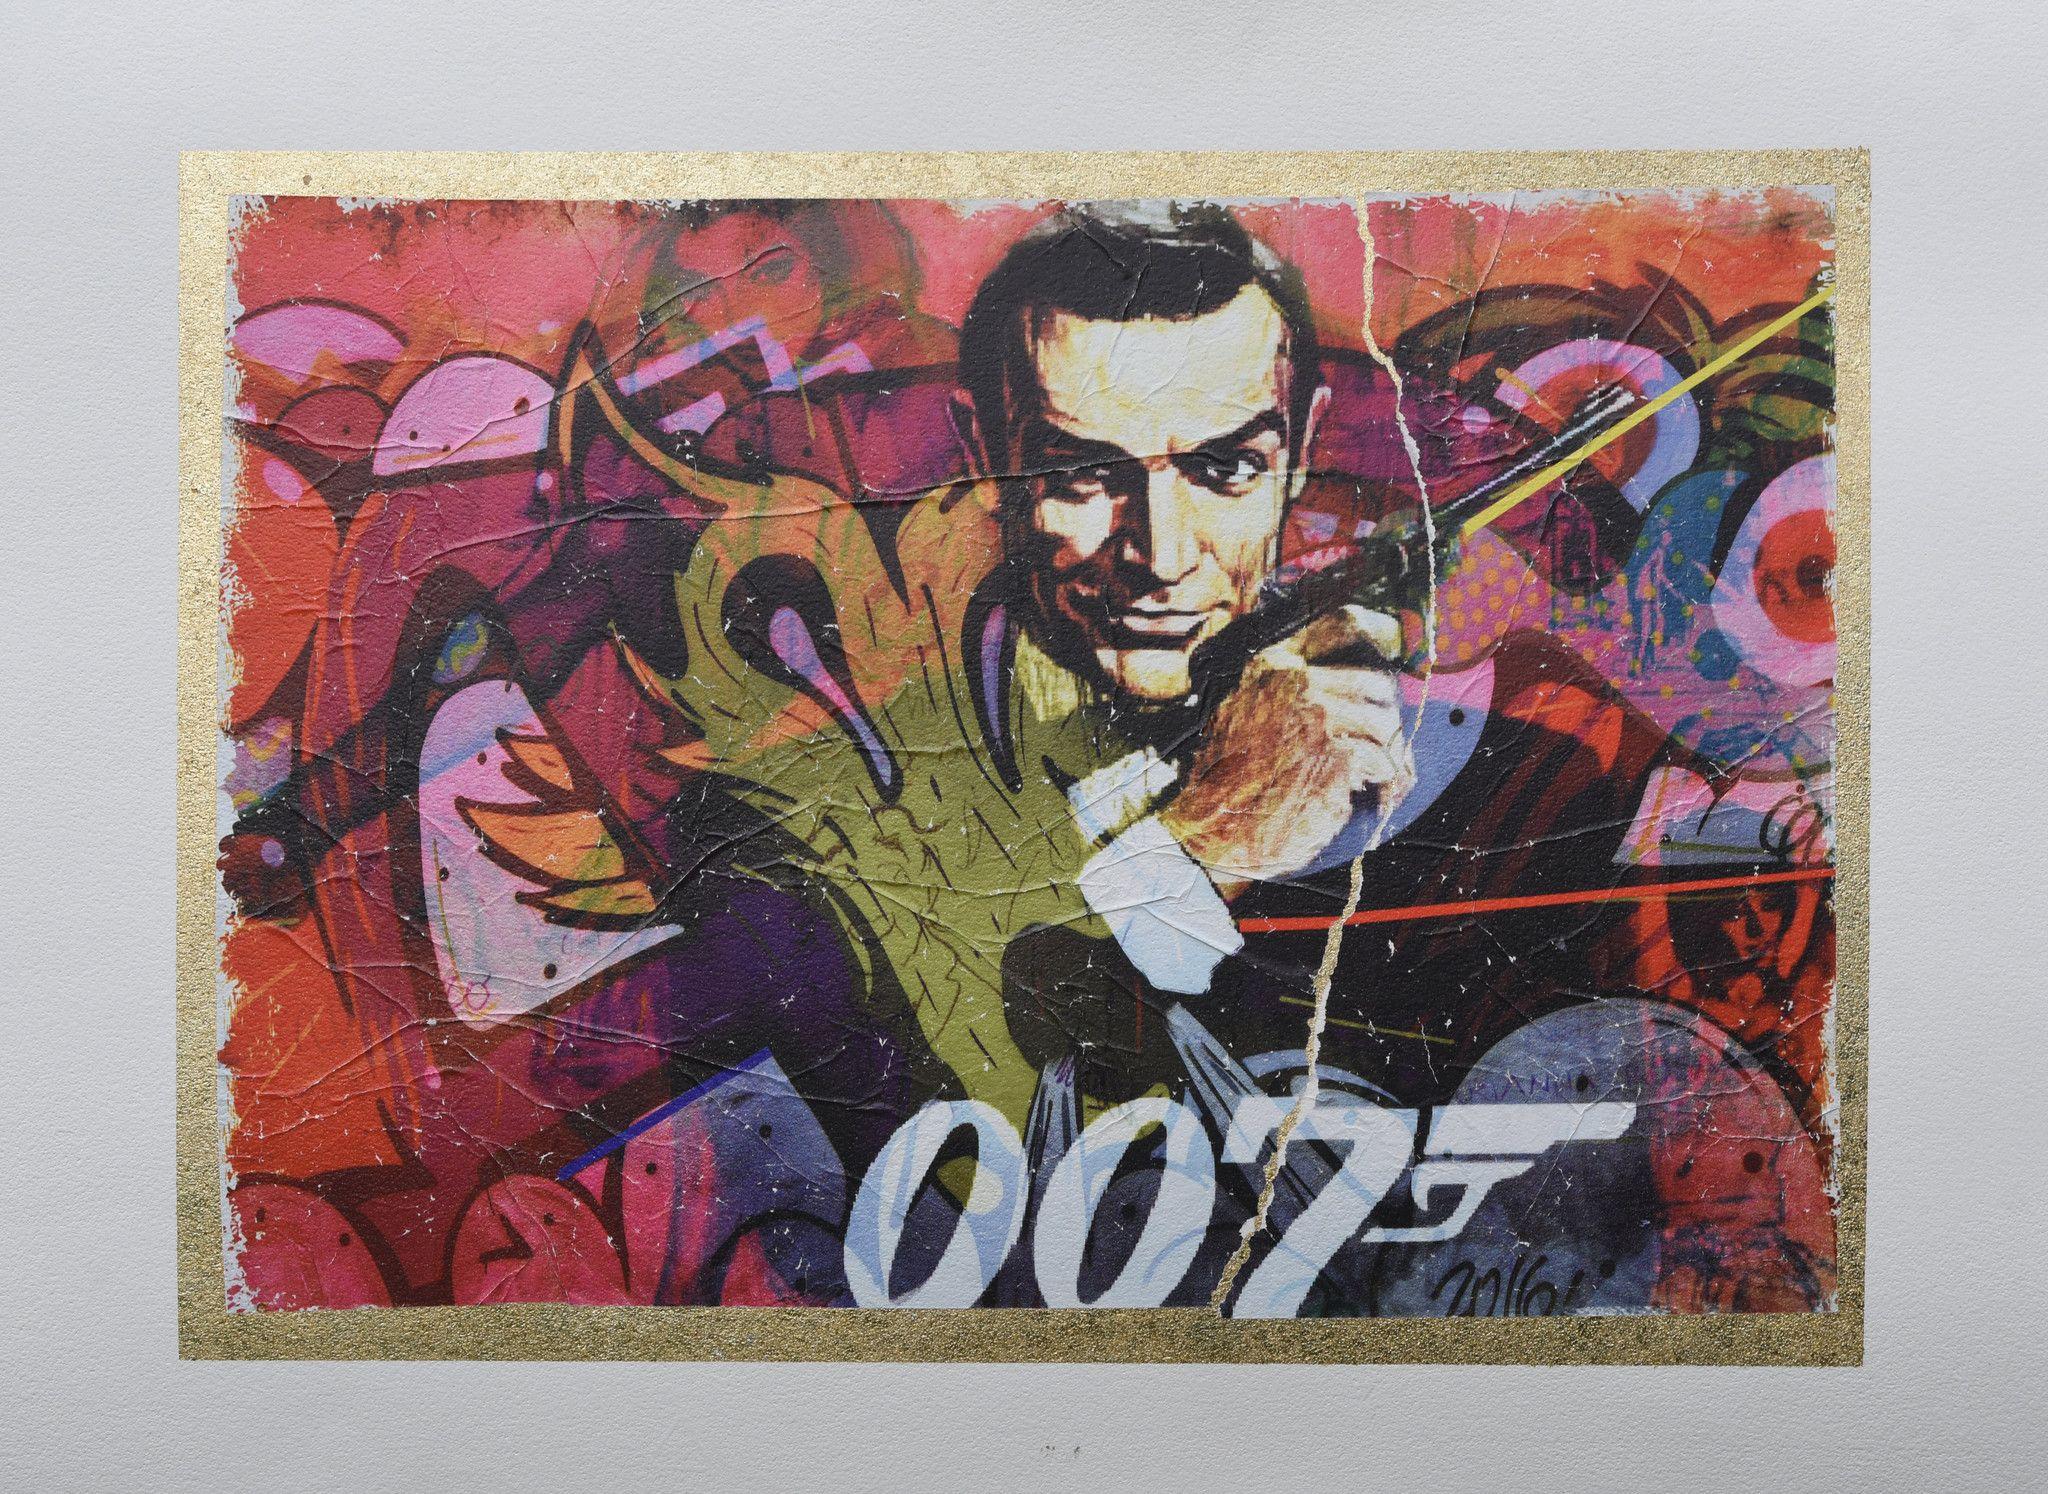 GRAFICA GIULIANO GRITTINI ' 007 '  dimensioni L 50 x H 70 cm.